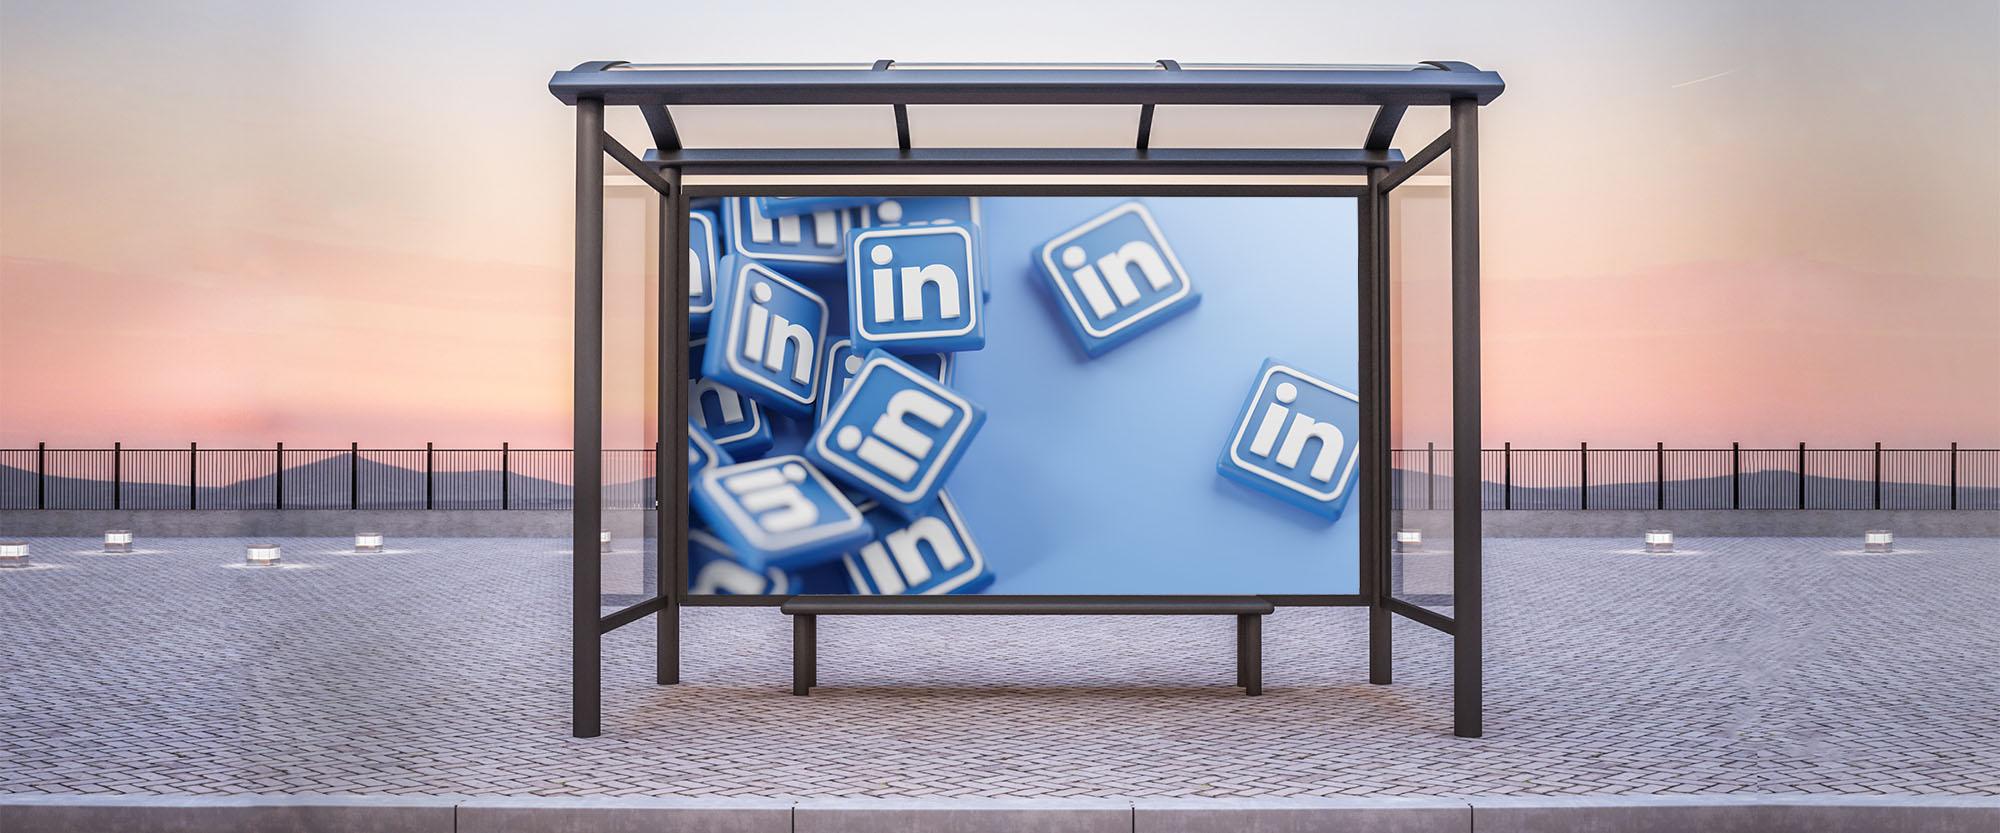 Onlinekurs Annonsera på LinkedIn